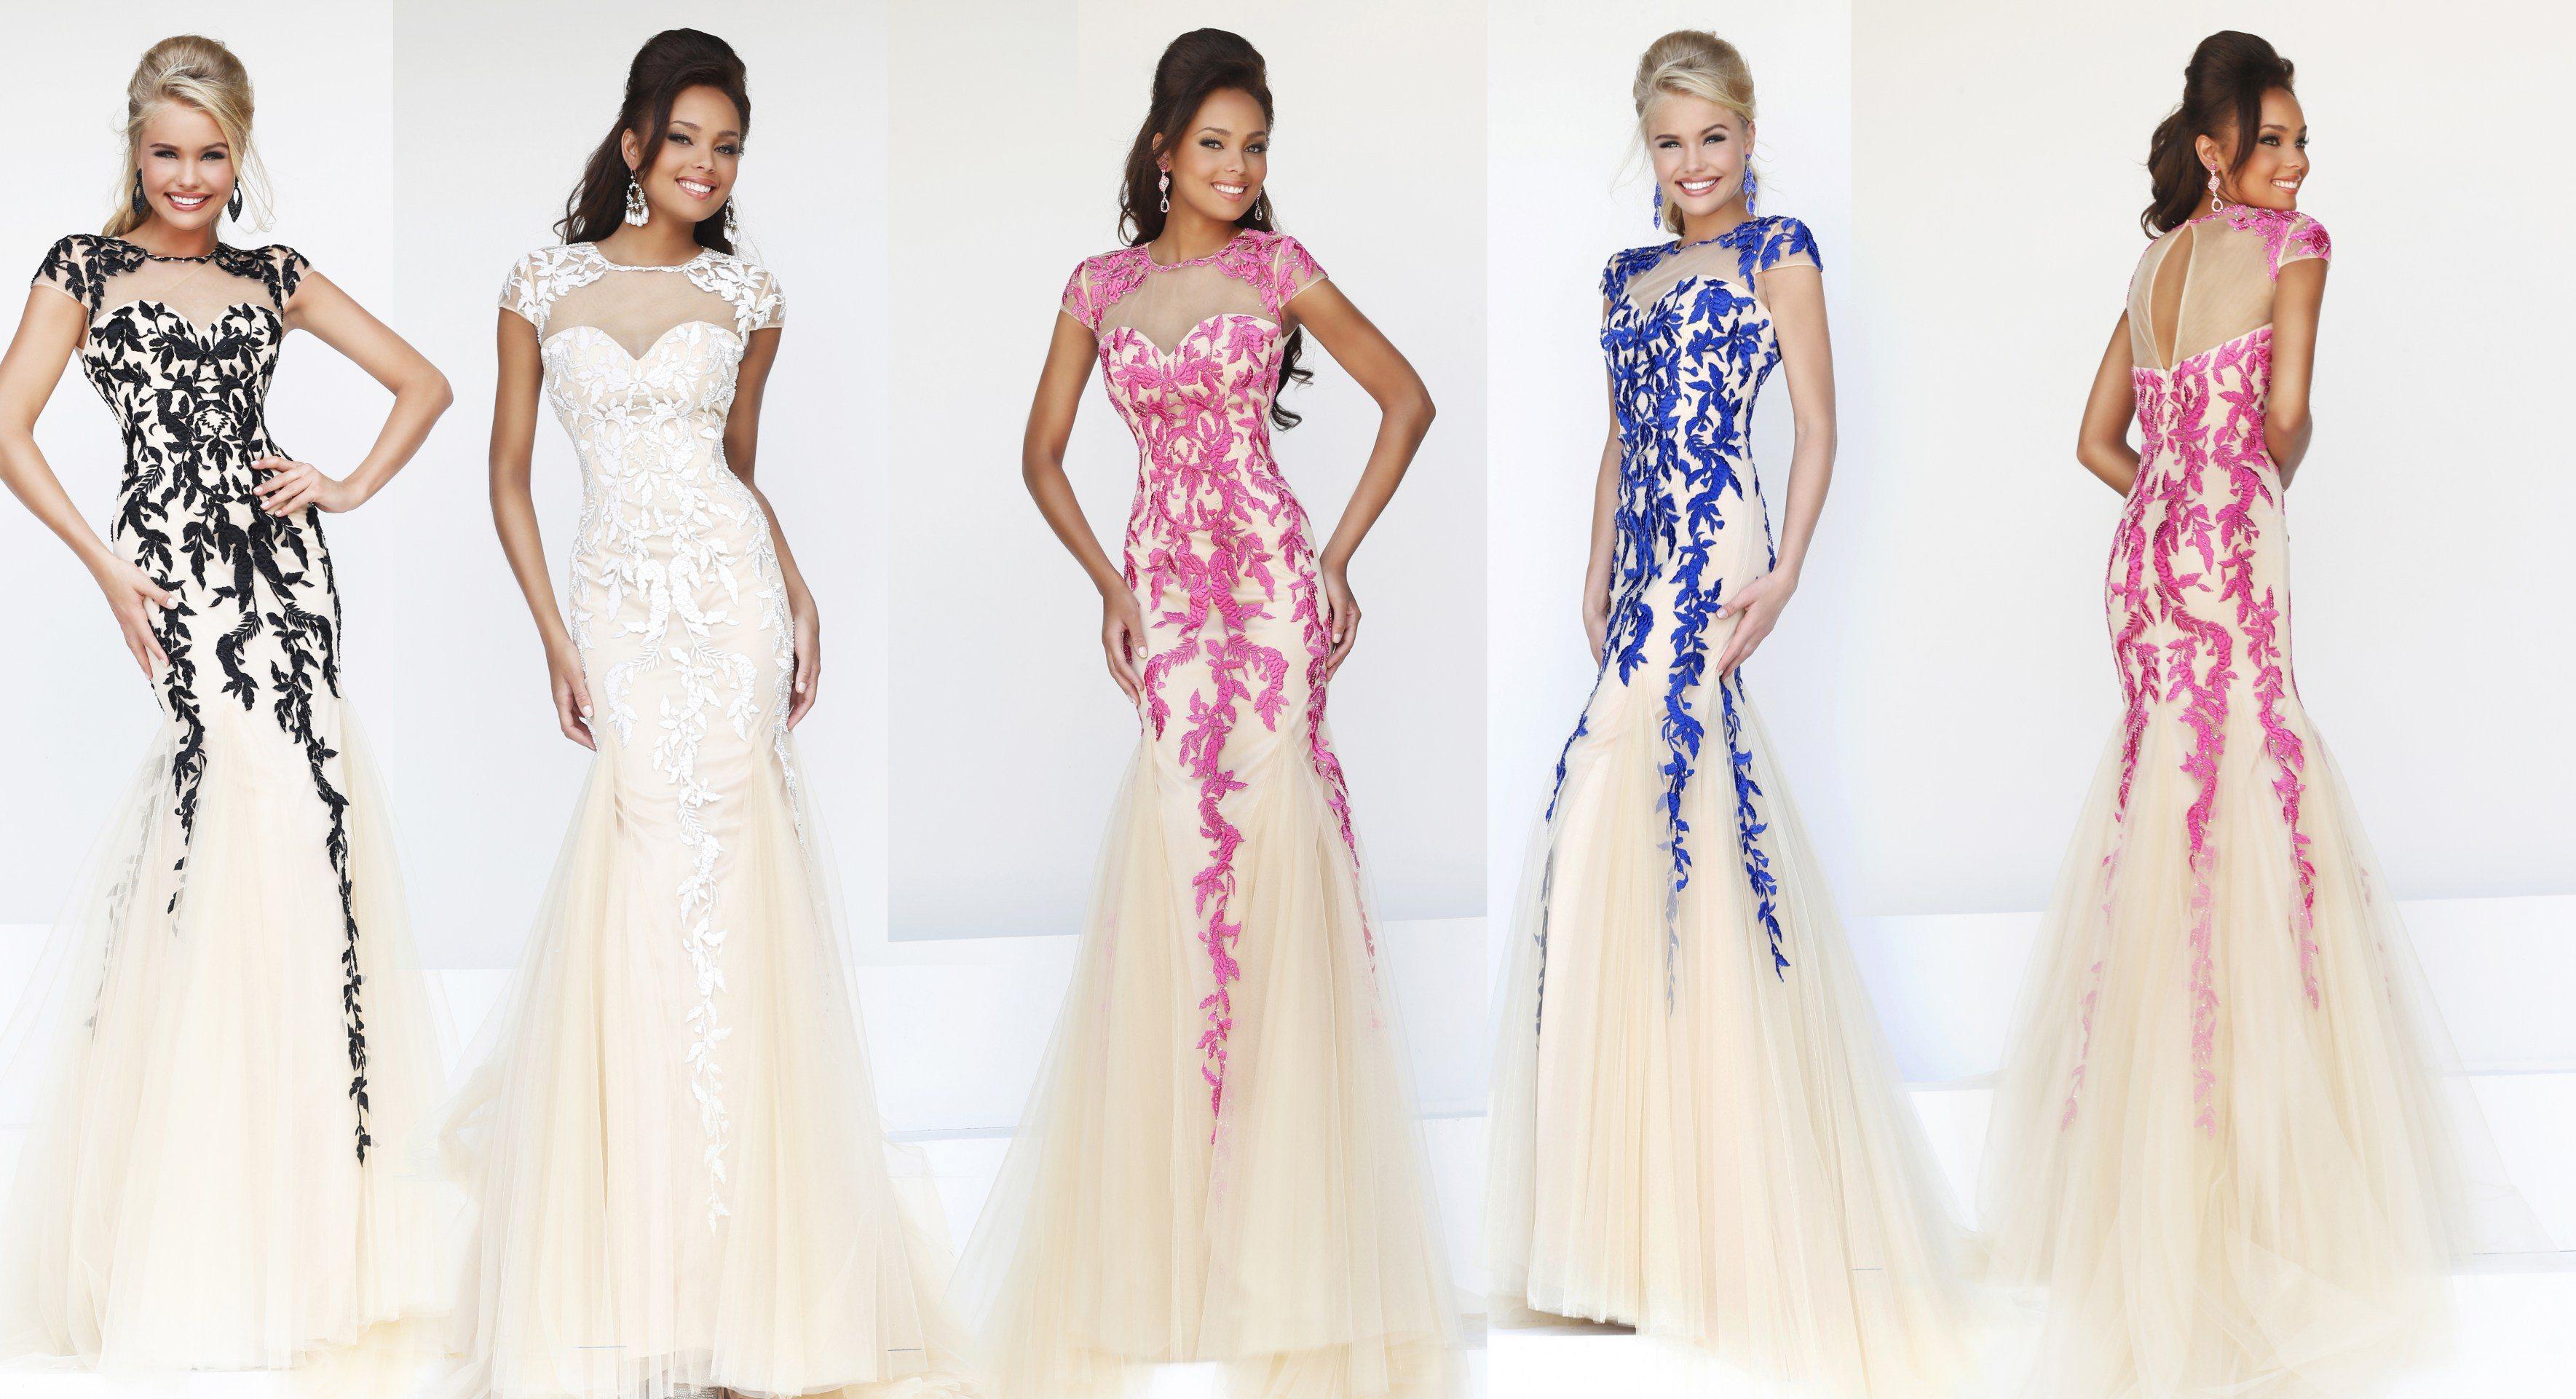 Alegeti rochia lunga ideala